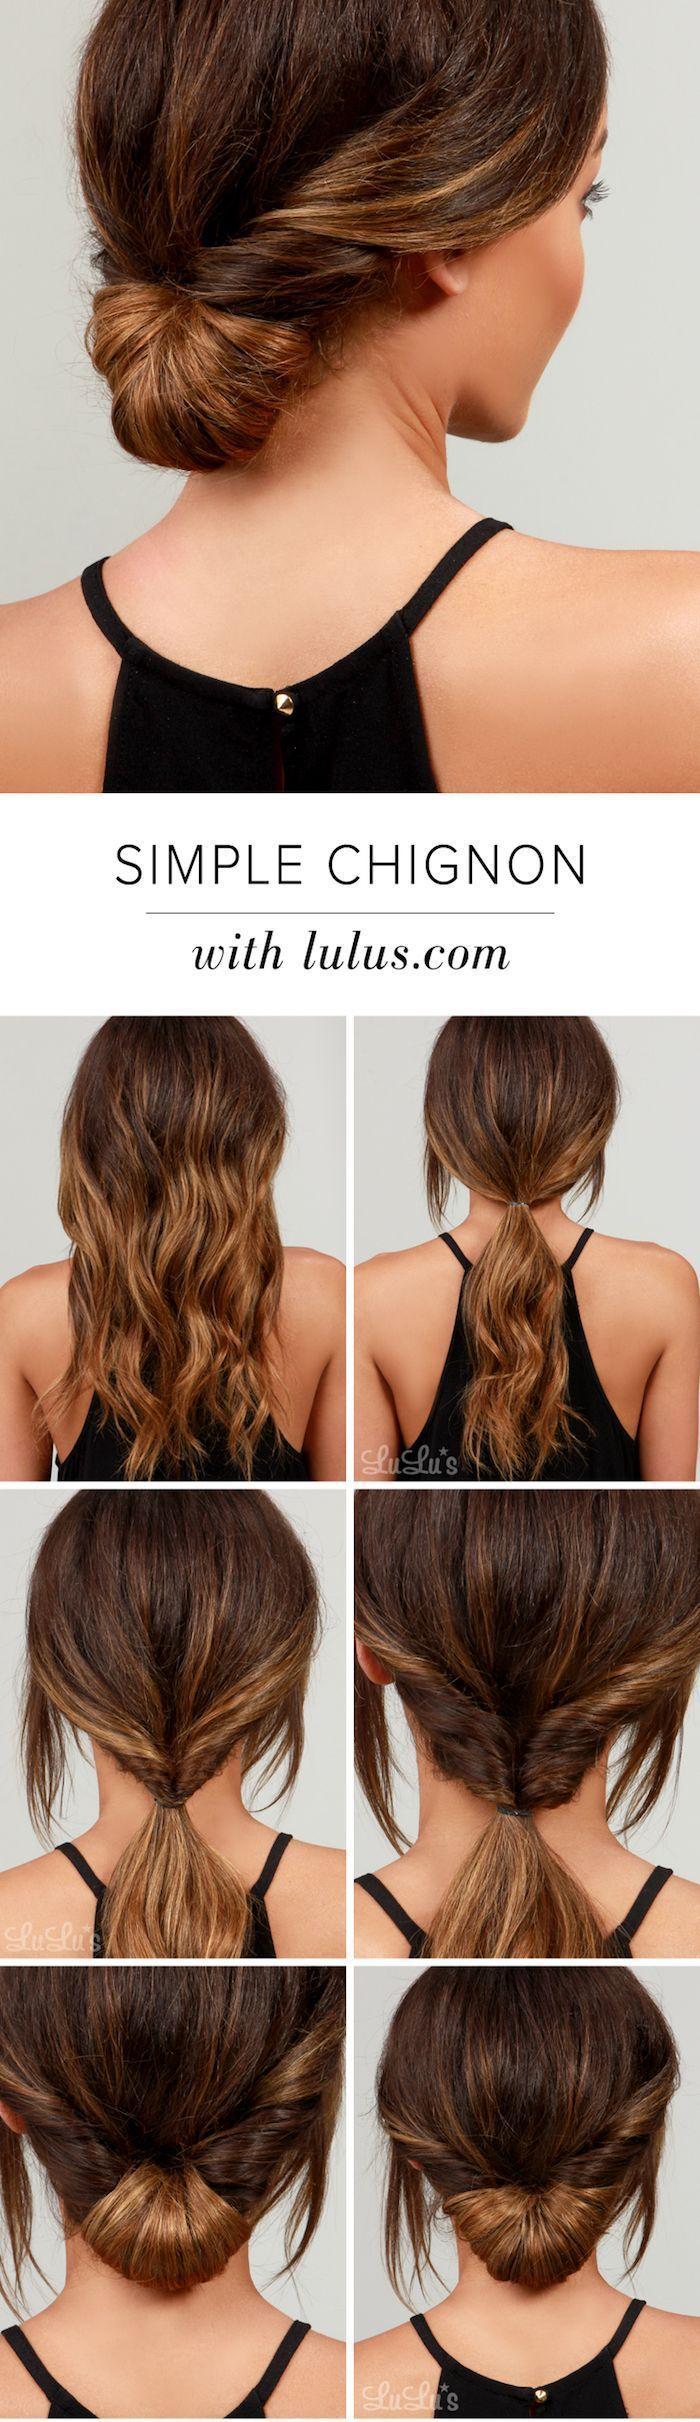 einfache Hochsteckfrisuren, Haarnadeln, Frisuren für mittellanges Haar – Spitze